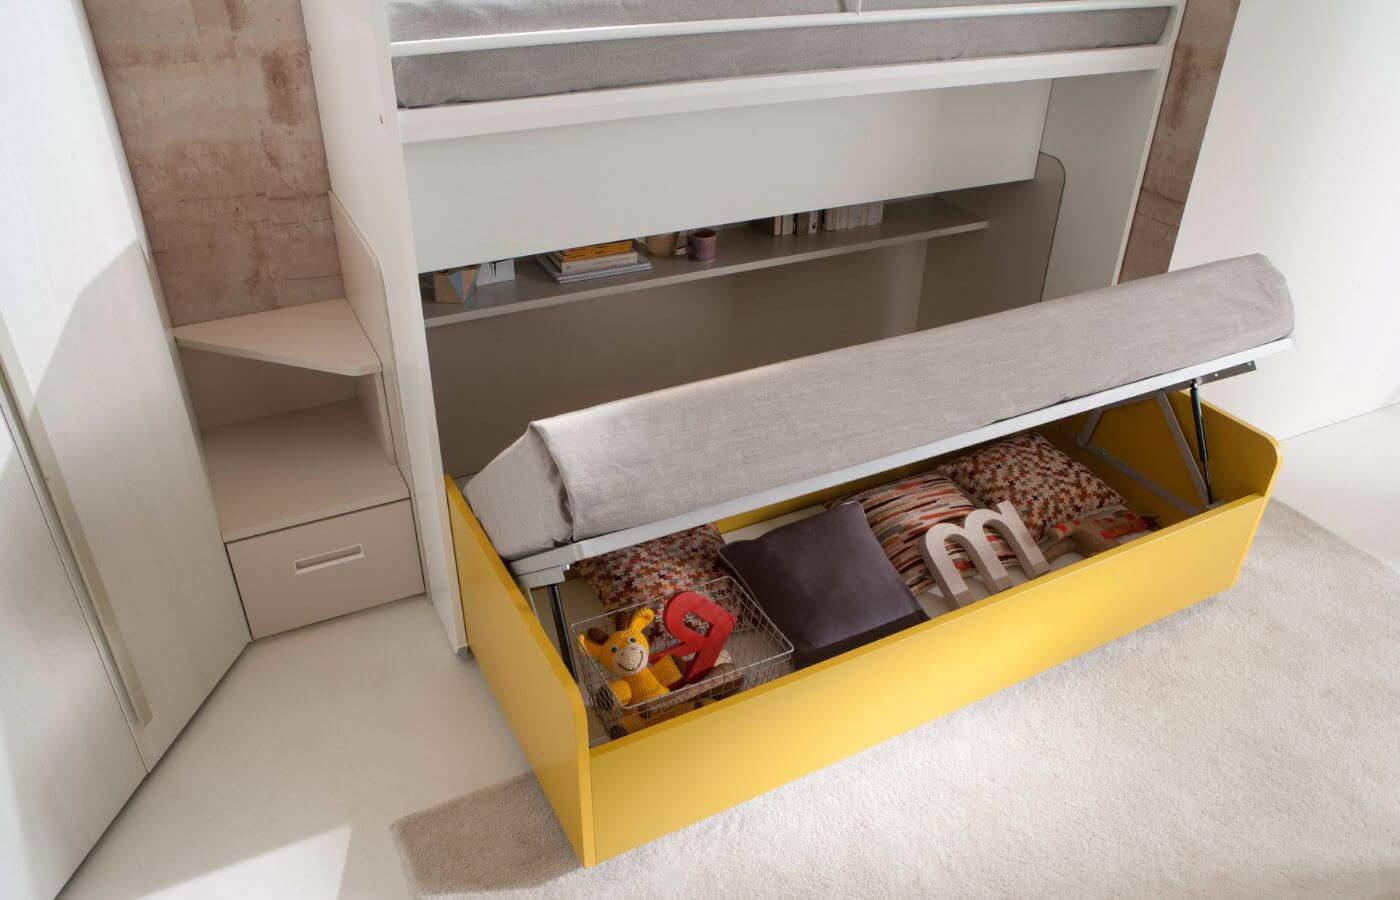 cameretta-letto-scorrevole-contenitore-collezione-edera-il-mobile (2)